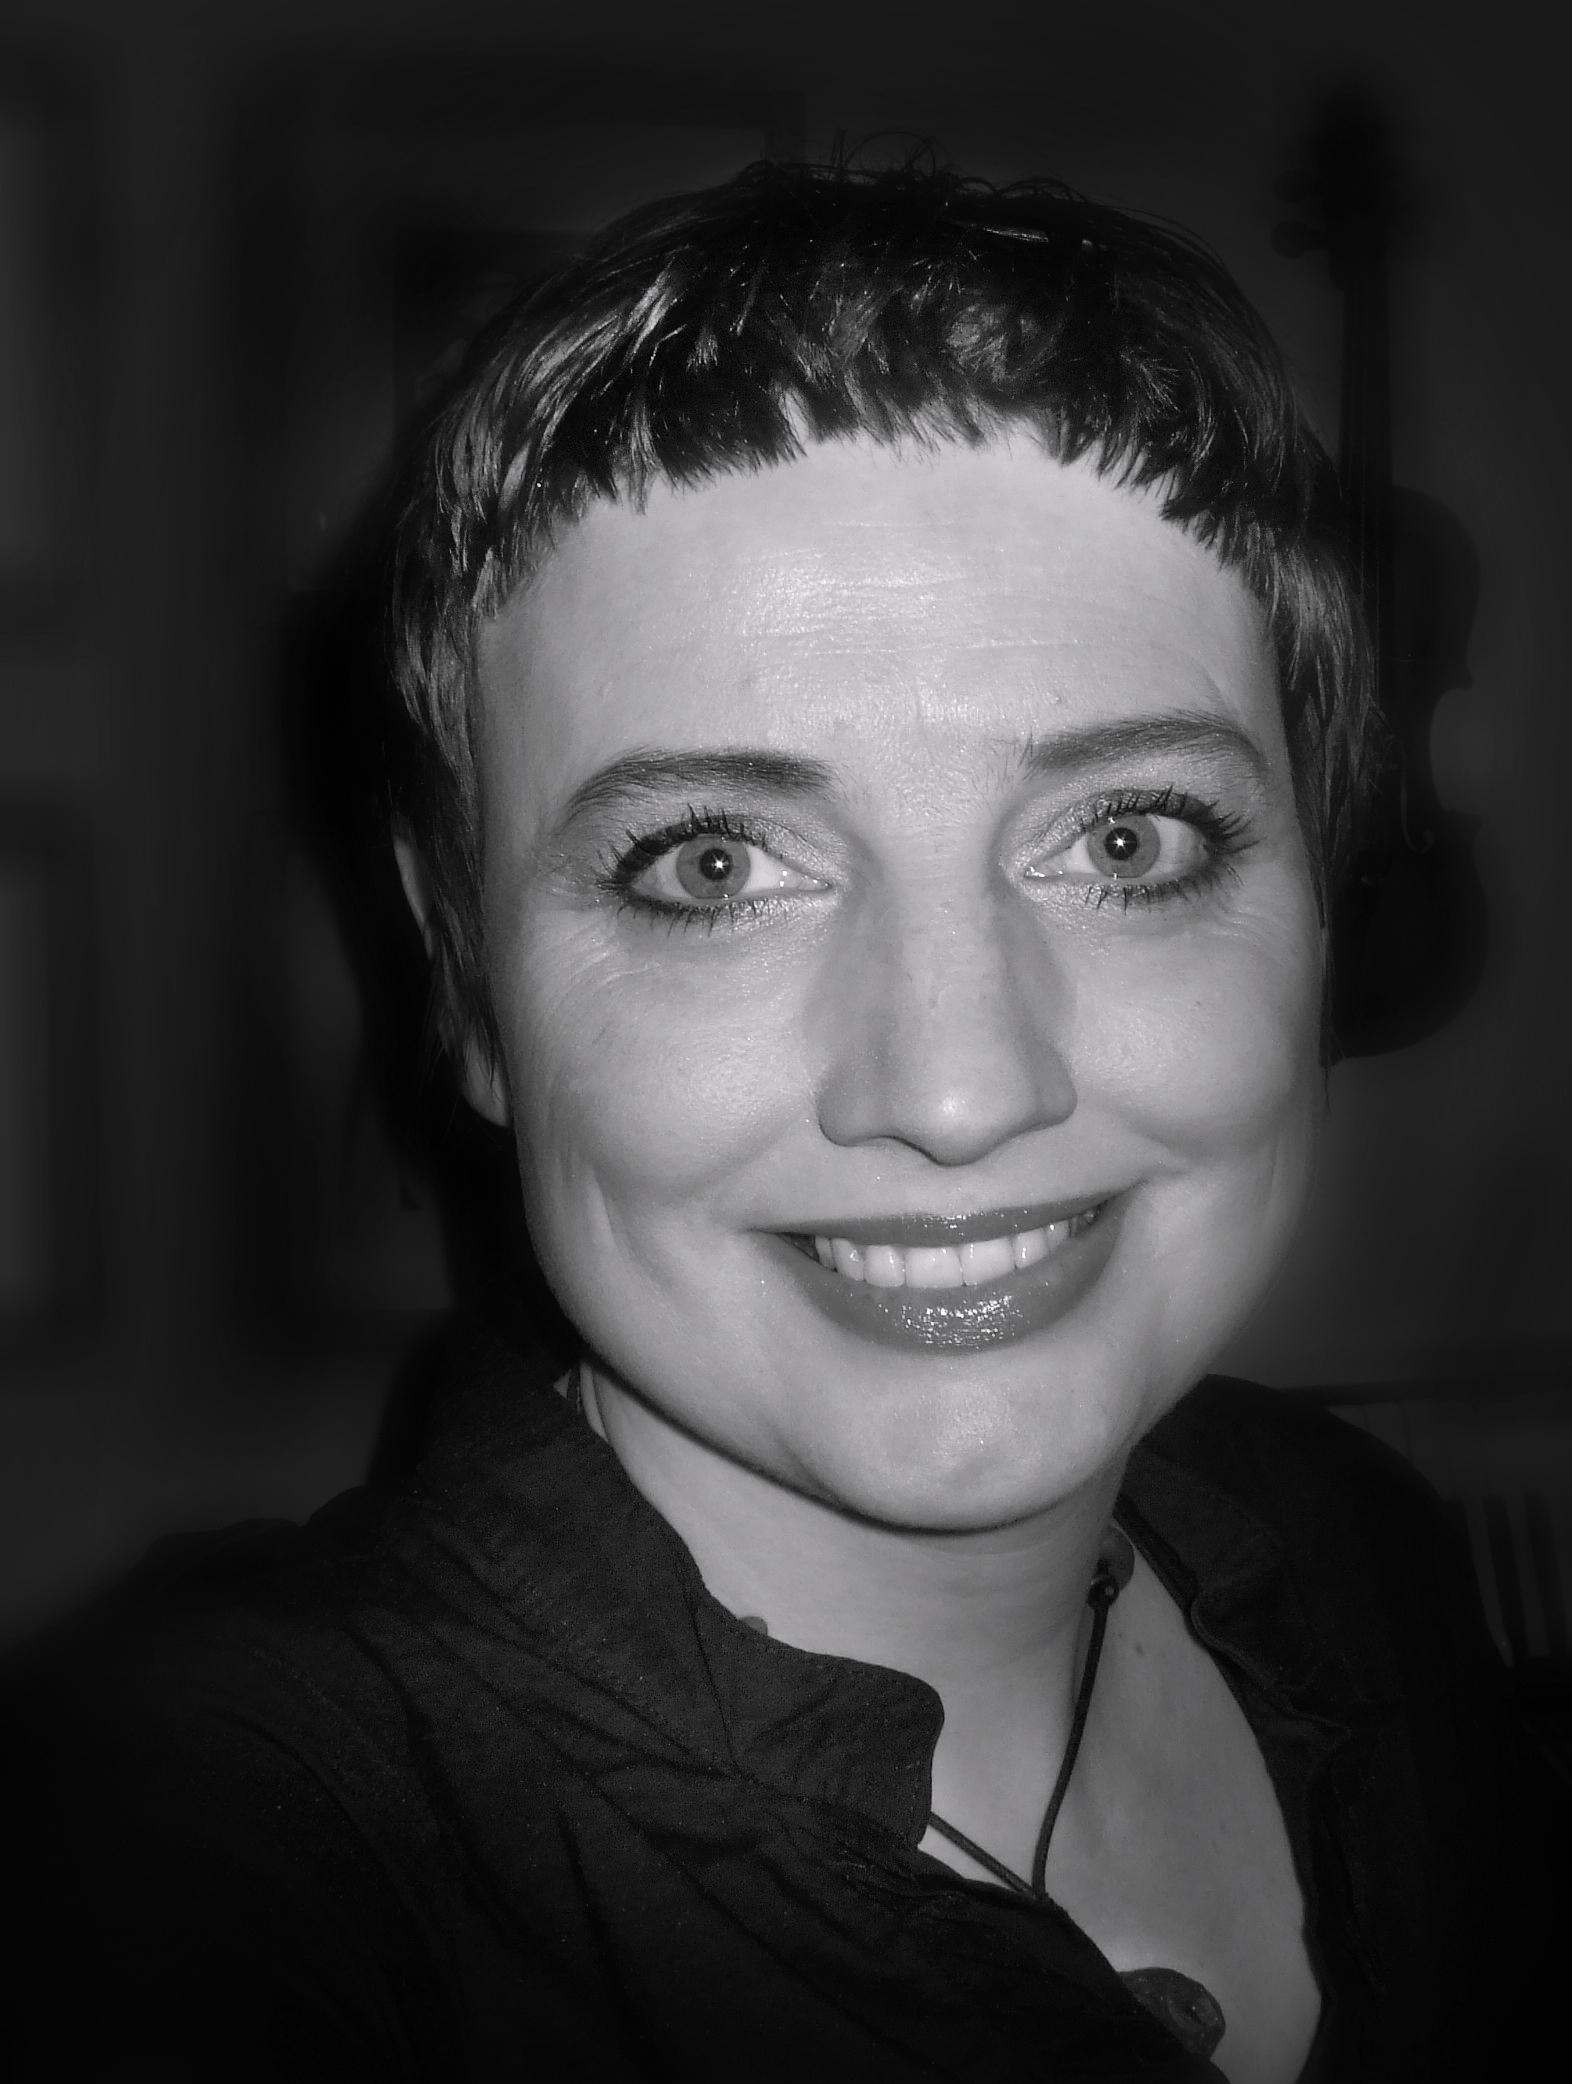 Kolbrún Sigurðardóttir